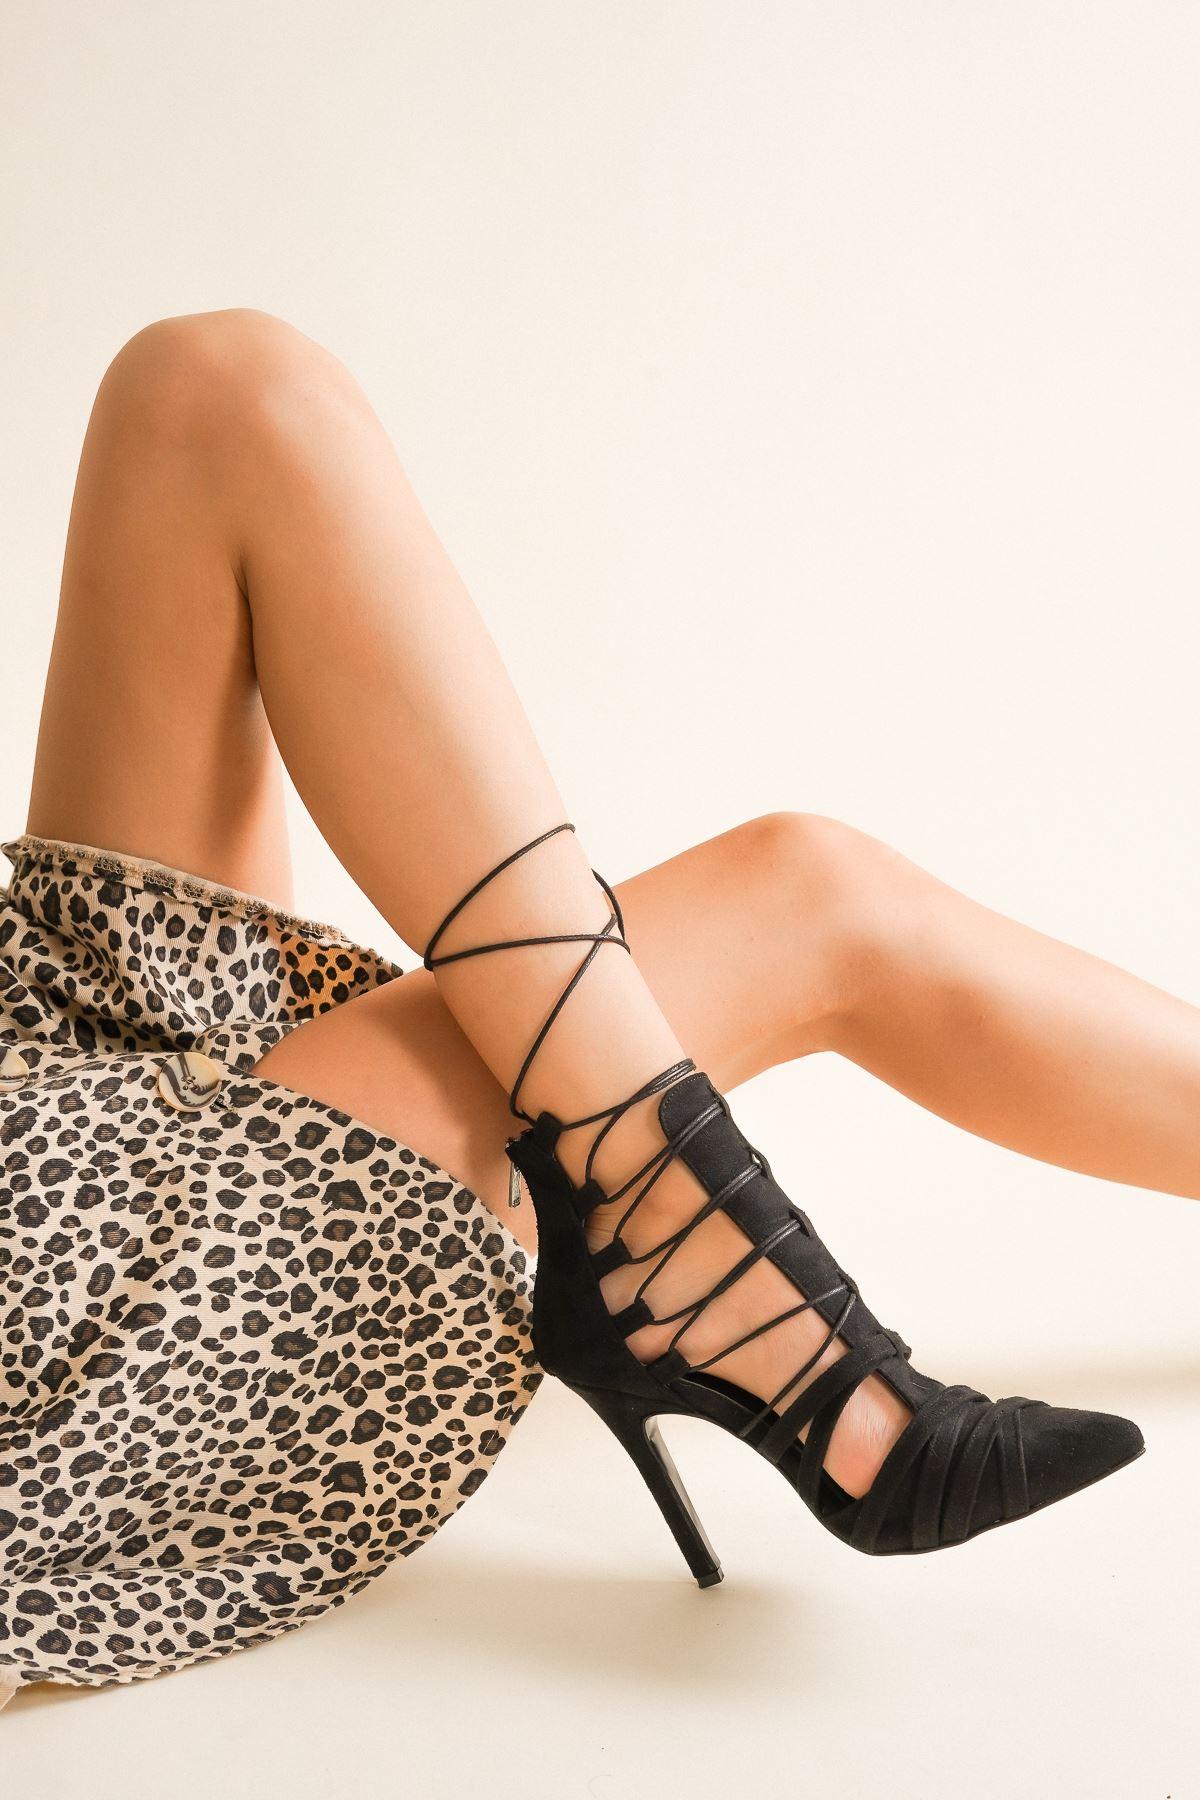 Long Siyah Süet Bağcıklı Topuklu Ayakkabı